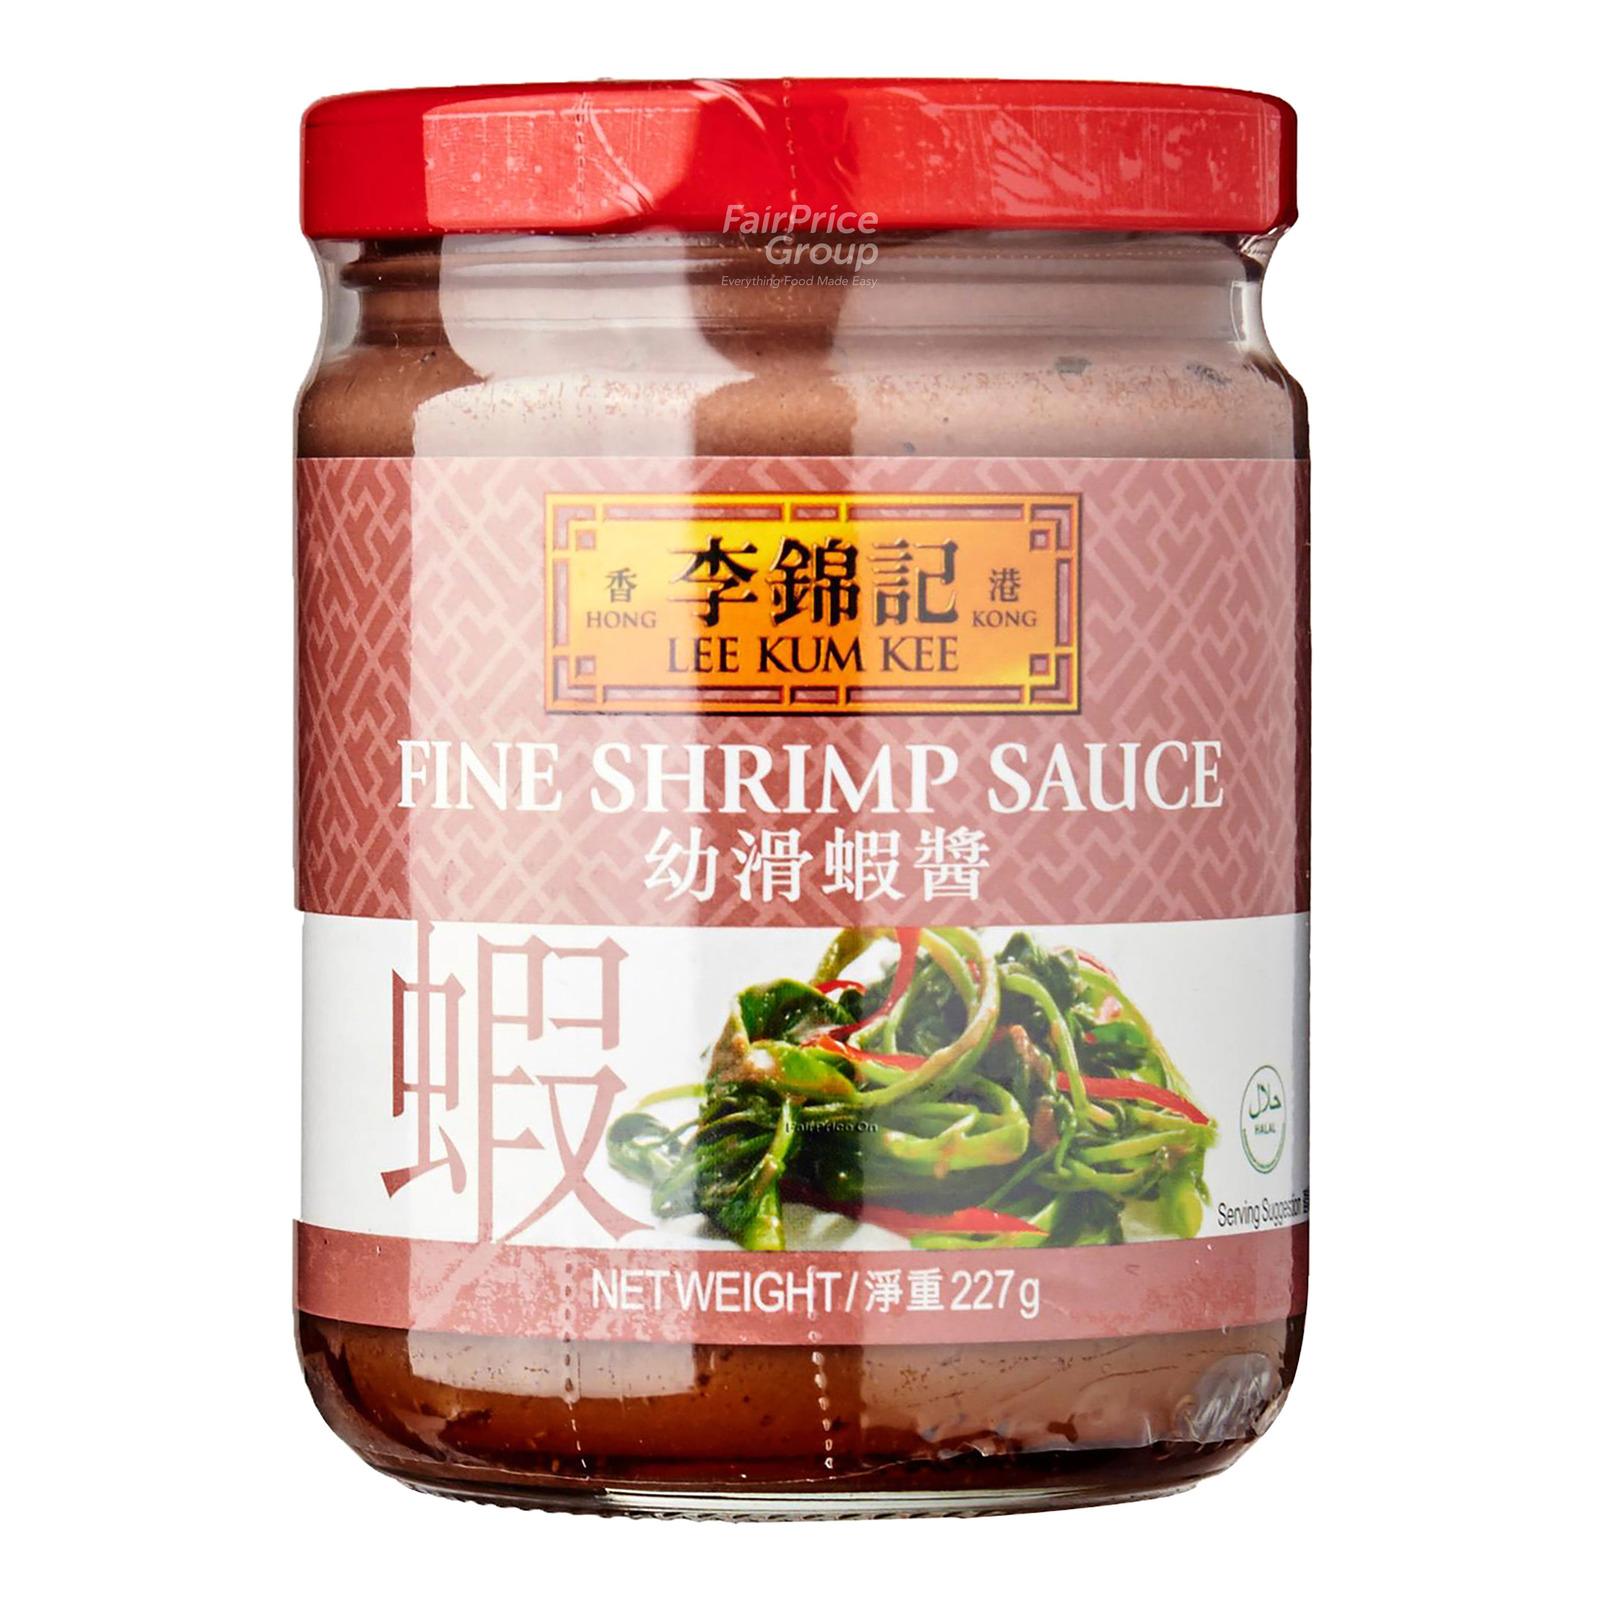 Lee Kum Kee Sauce - Fine Shrimp